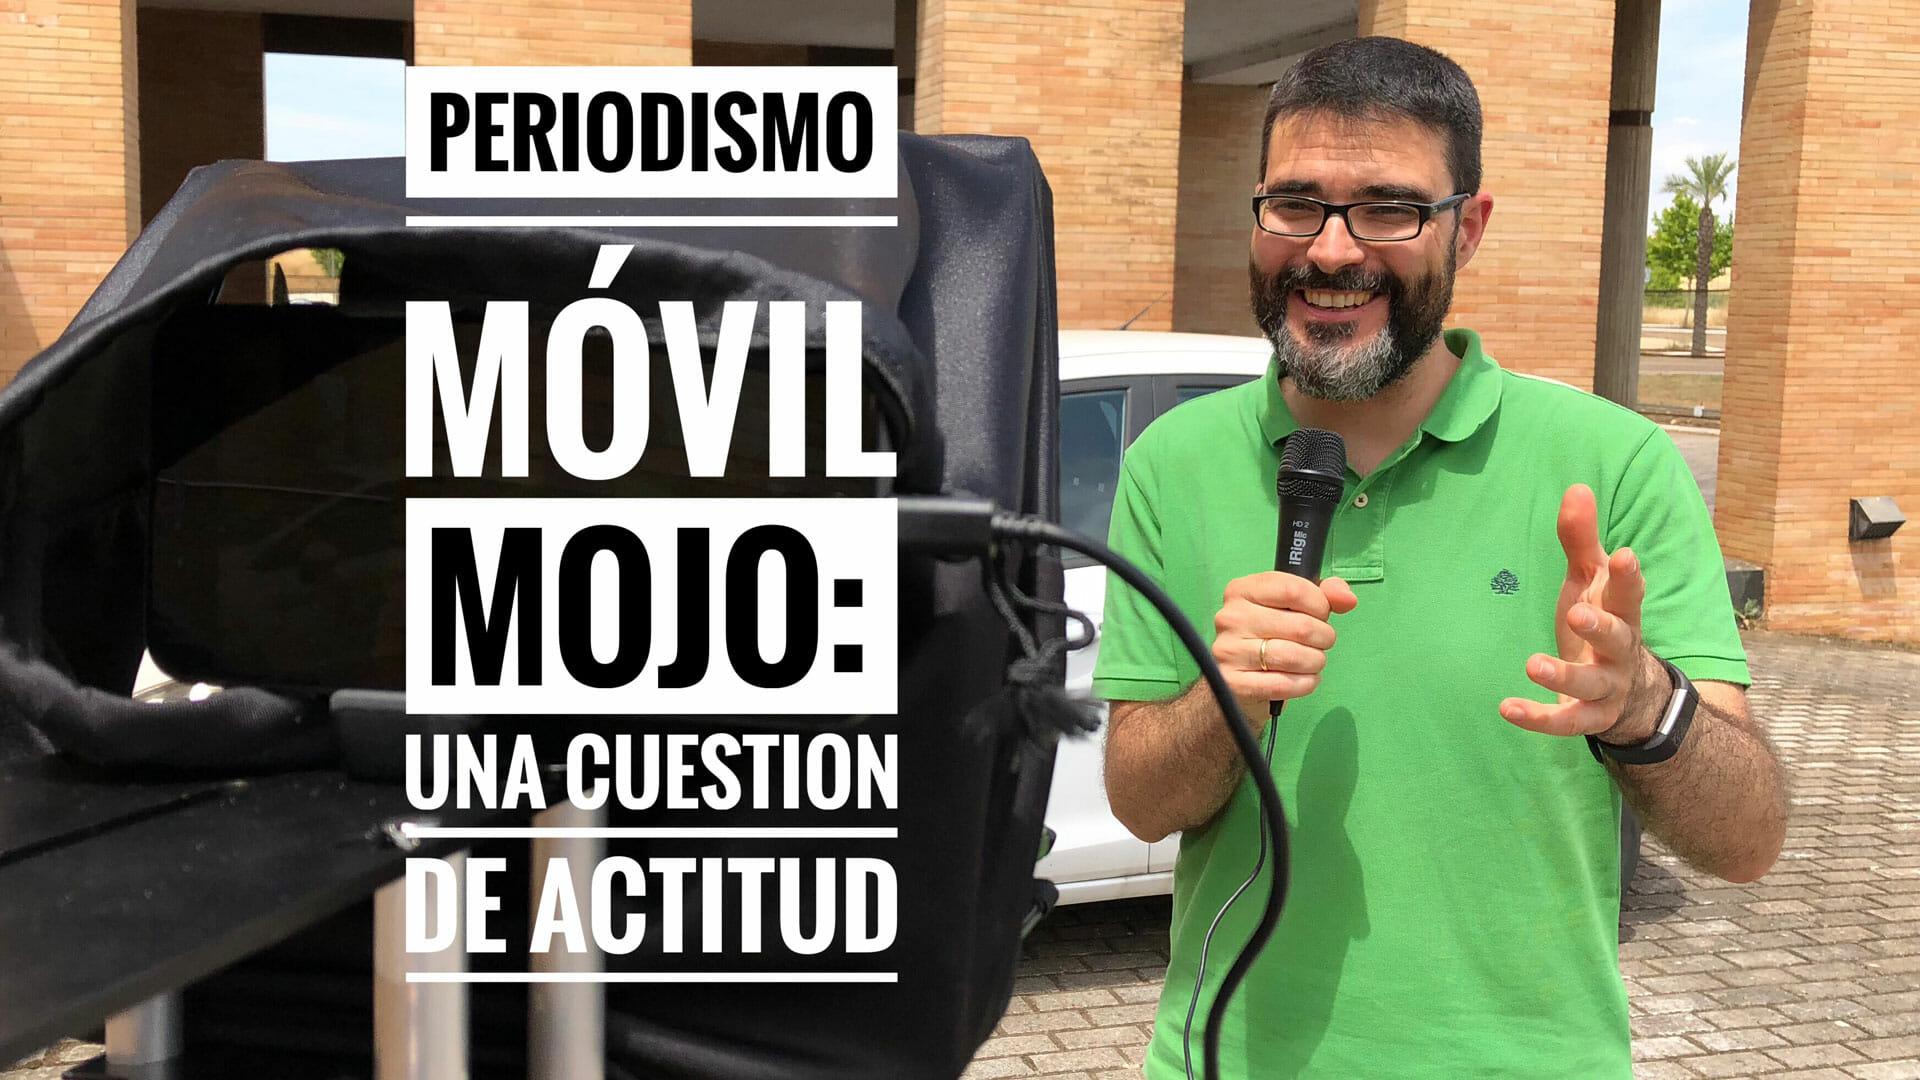 Entrevista sobre MOJO a Matias Amigo y Urbano García, expertos en periodismo móvil. Realización multicámara con la app Switcher Studio